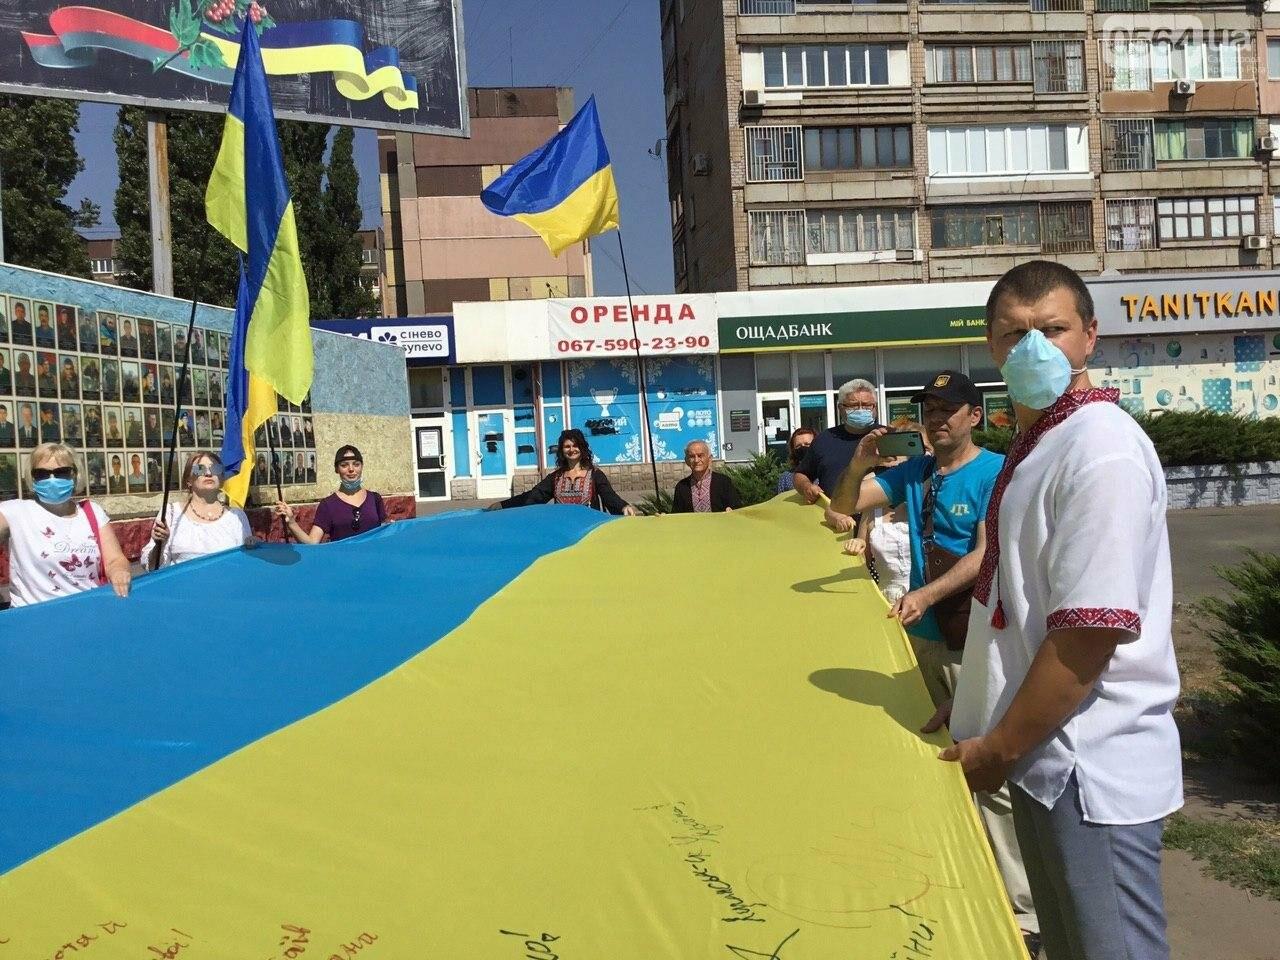 """""""Українці - брати, Разом ми - сила!"""", - какие пожелания и призывы написали криворожане на Знамени Единства, - ФОТО, ВИДЕО, фото-11"""